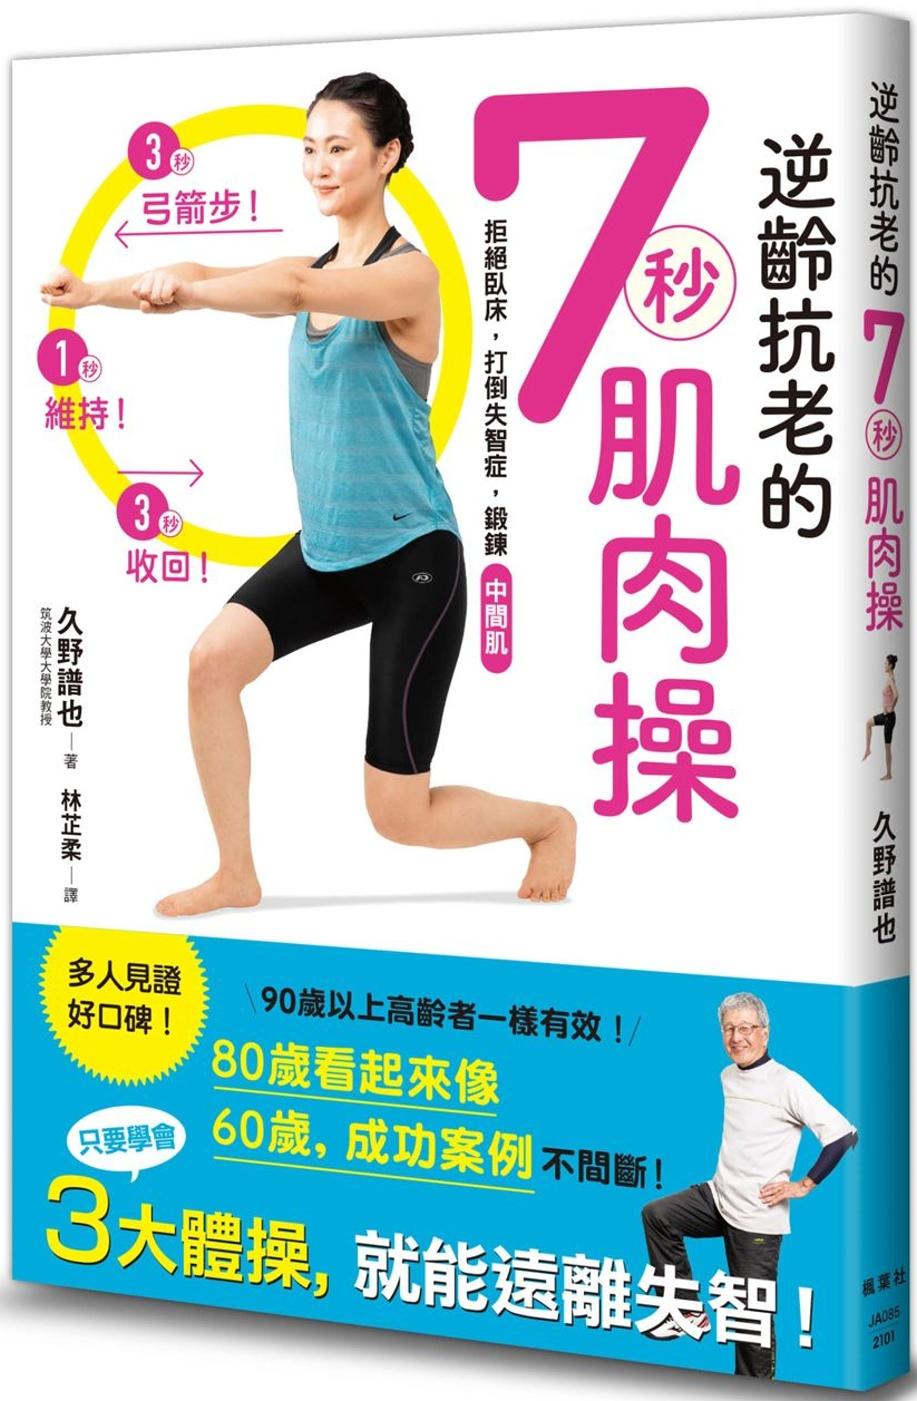 逆齡抗老的7秒肌肉操